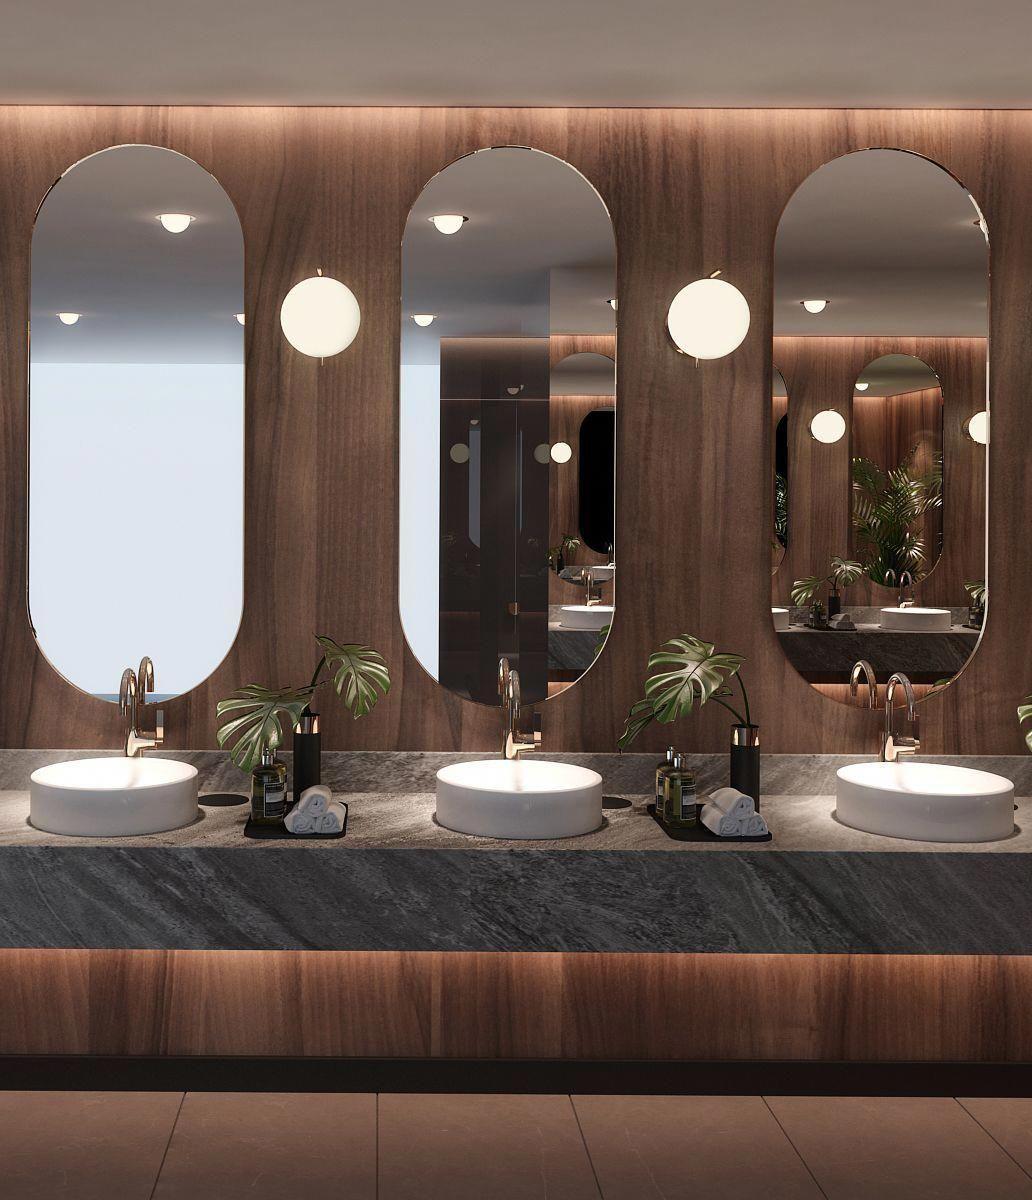 Bathroom Mirrors Amazon Luxurybathroomcollections Traumhafte Badezimmer Toilette Design Wohnungsplanung